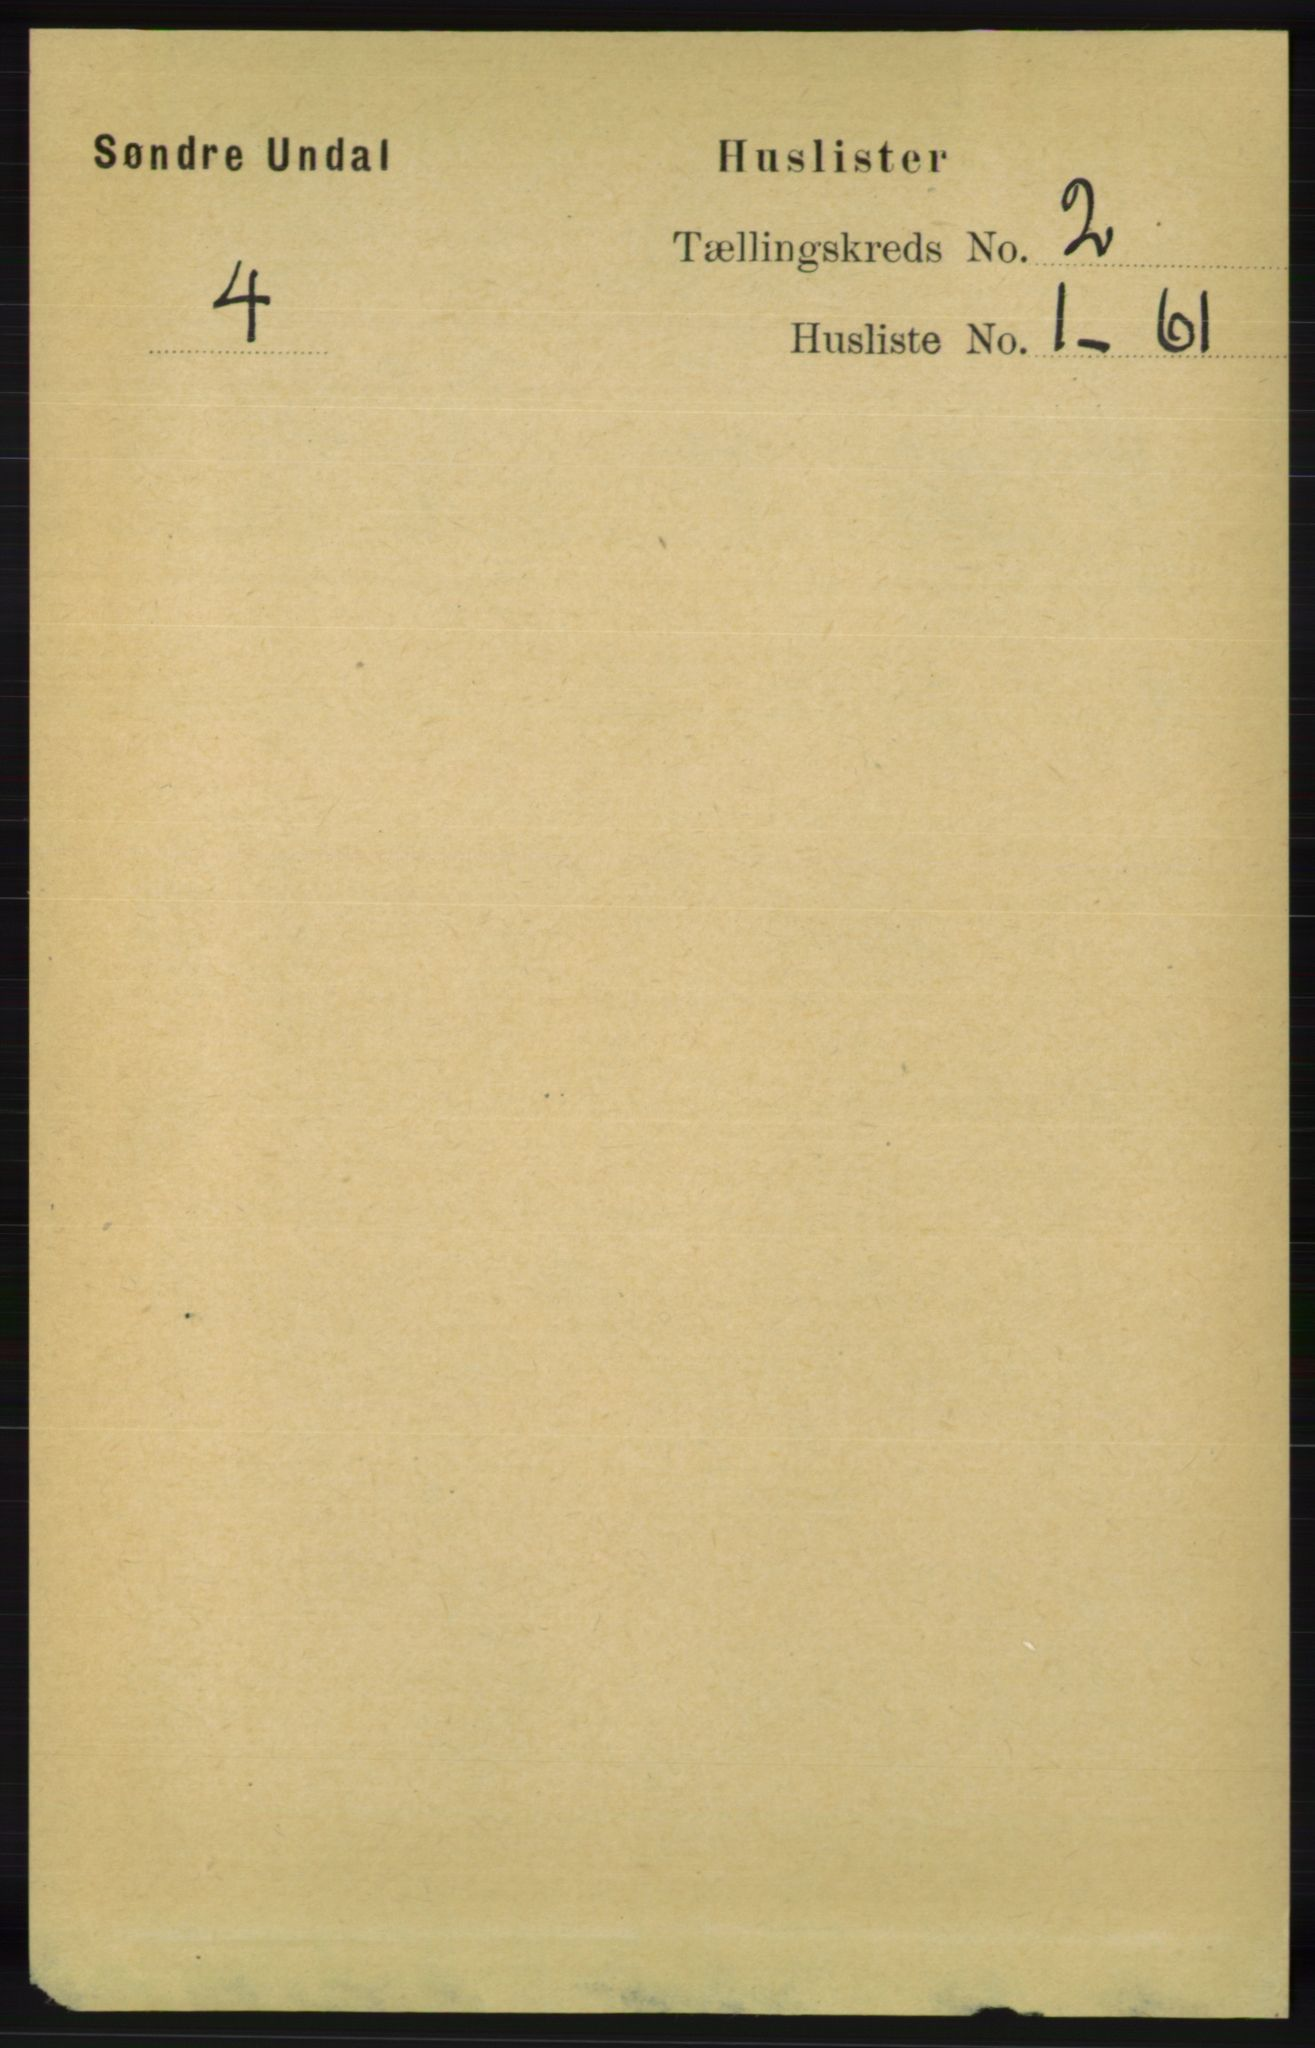 RA, Folketelling 1891 for 1029 Sør-Audnedal herred, 1891, s. 341